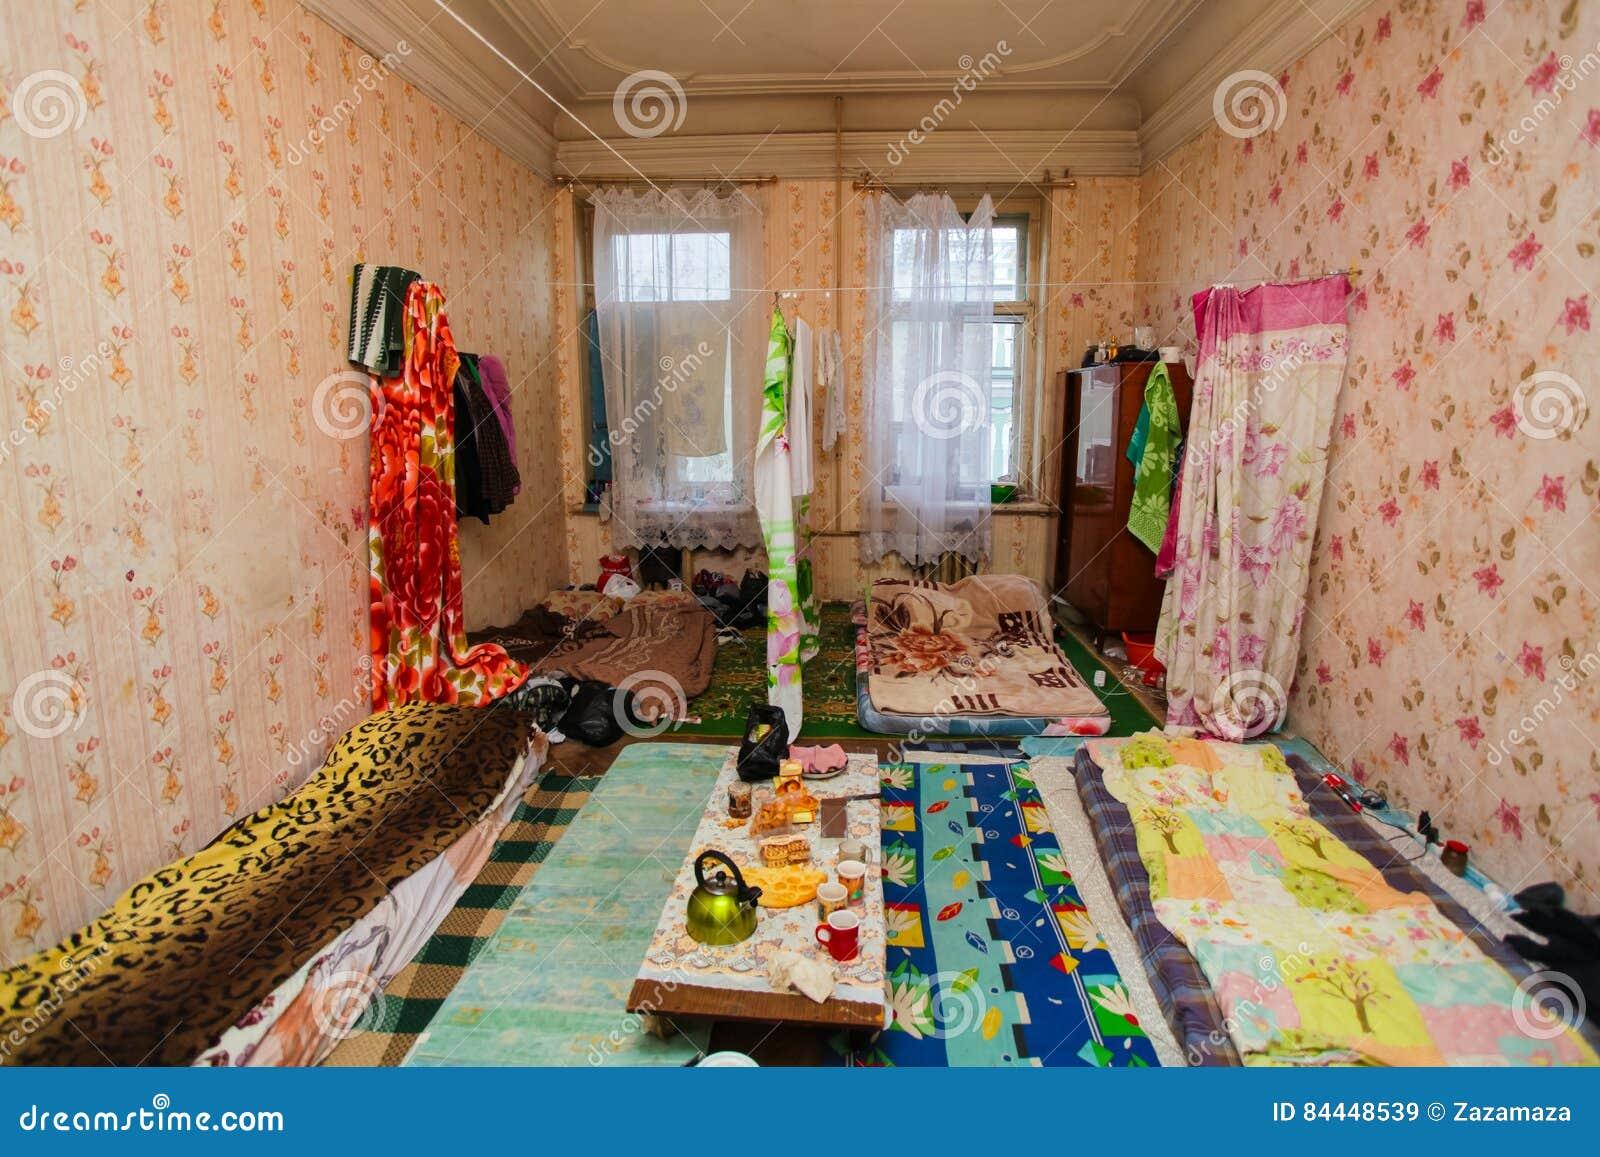 Schlafen Und Bereich Für Flüchtlinge In Der Vorübergehenden Wohnung ...